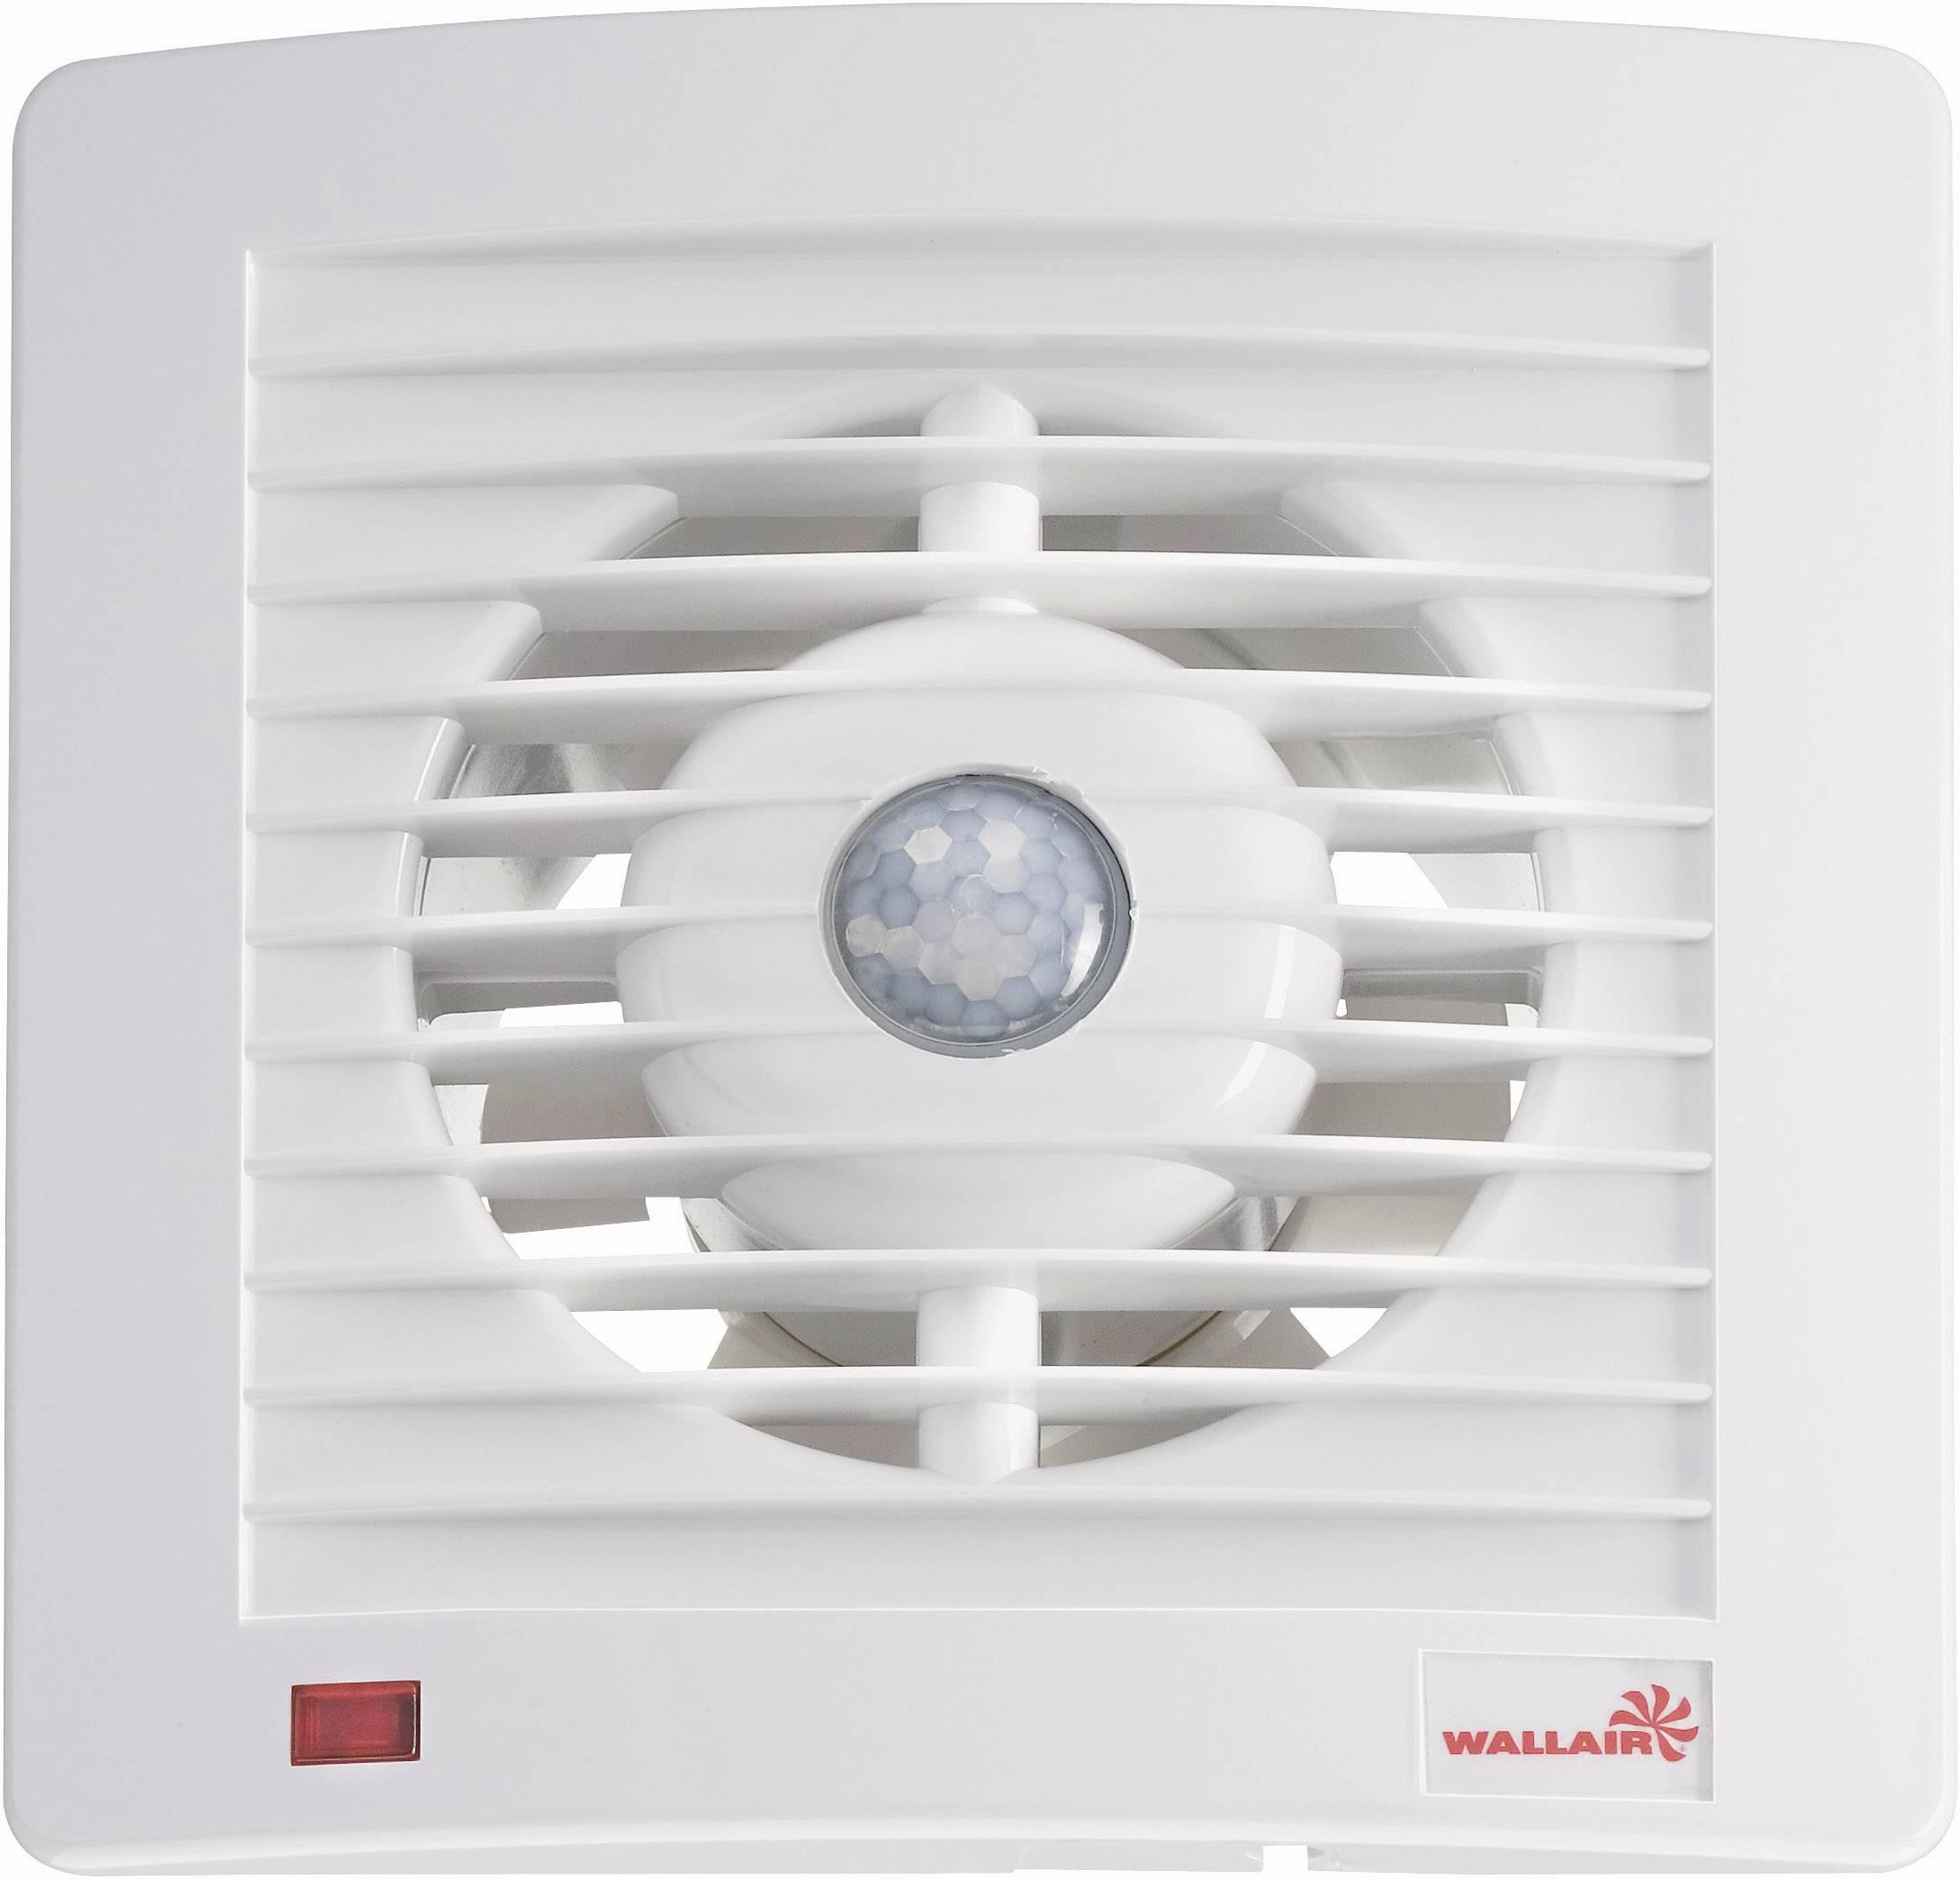 Vestavný ventilátor s detektorem pohybu Wallair 125, 20110604, 230 V, 95 m3/h, 16 cm